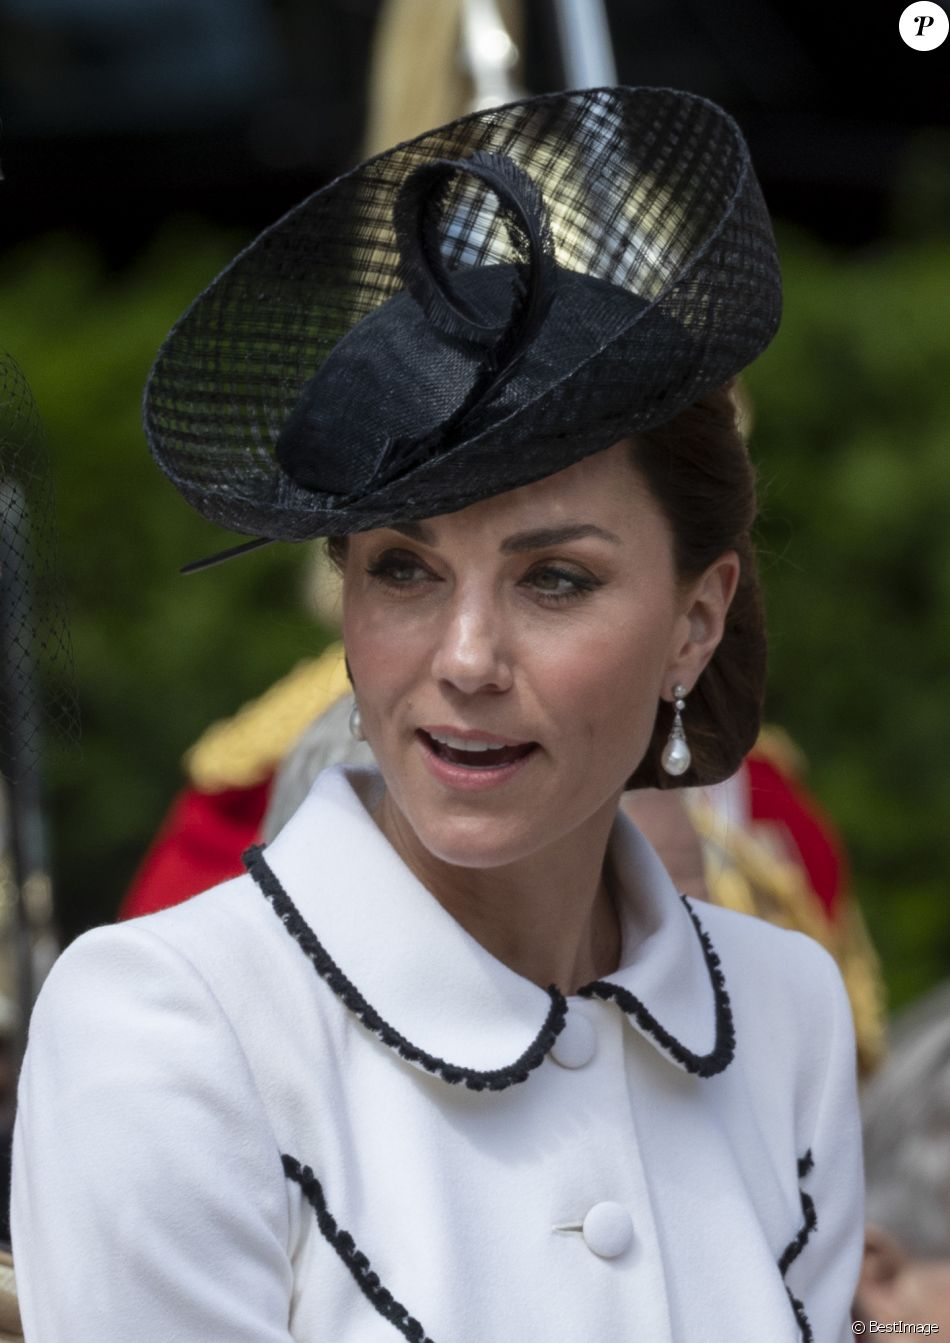 Catherine (Kate) Middleton, duchesse de Cambridge, lors de la cérémonie annuelle de l'Ordre de la Jarretière (Garter Service) au château de Windsor. 17/06/2019